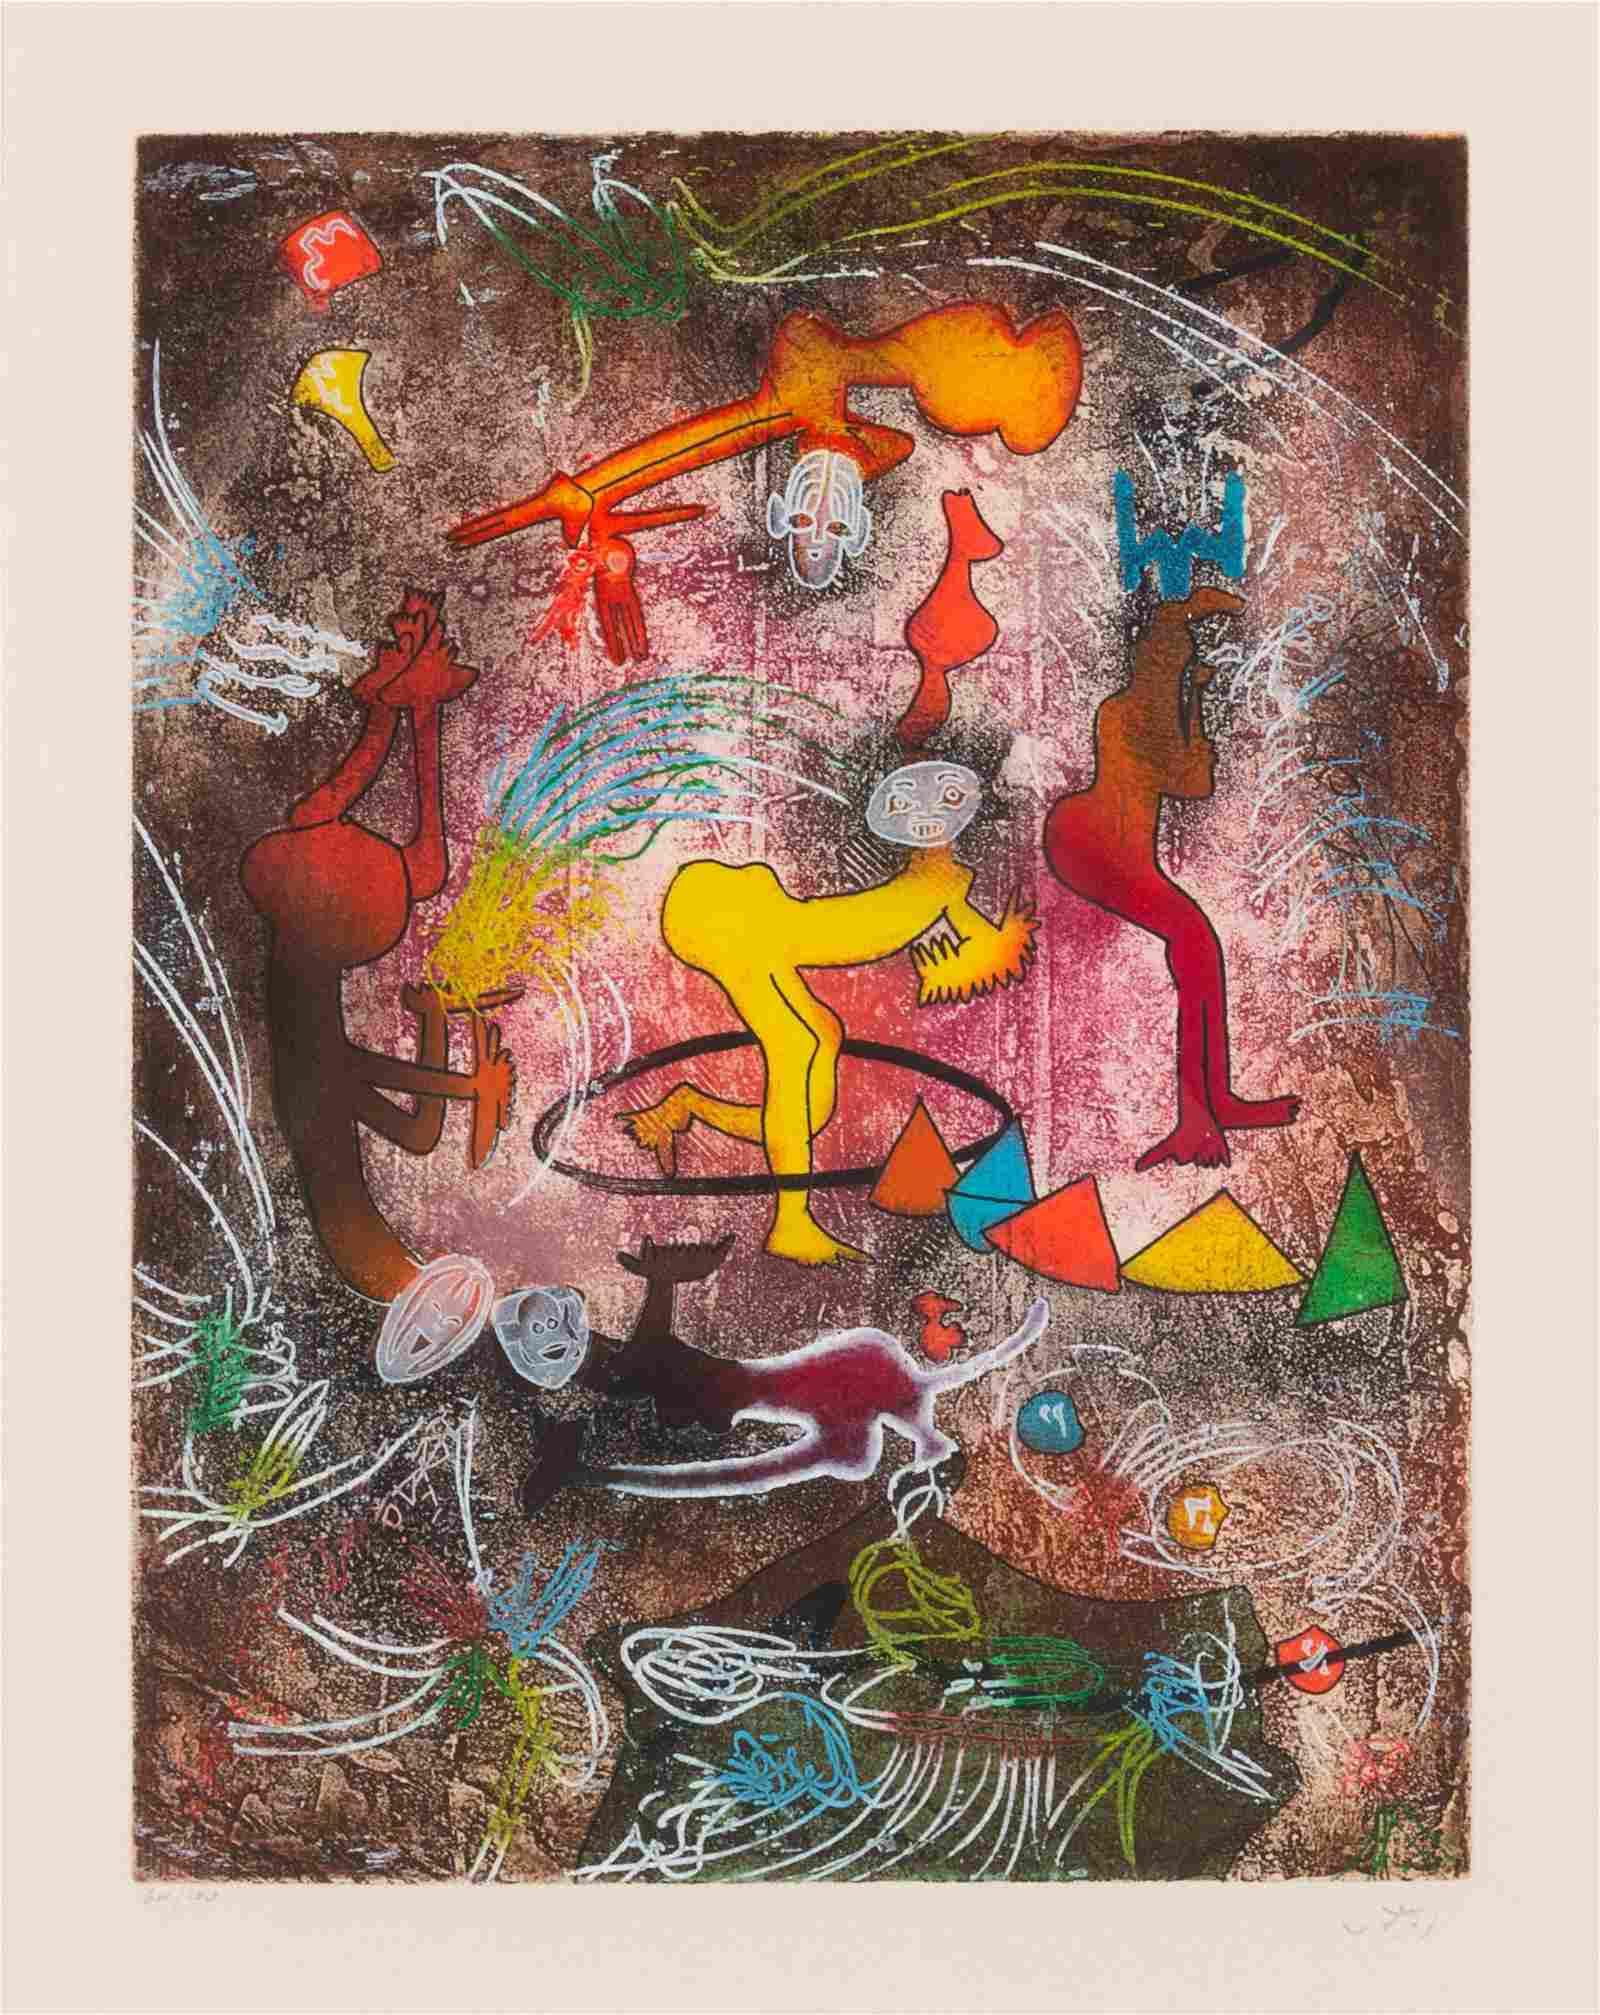 Roberto Matta (Chilean, 1911-2002) Circus I, c. 1980